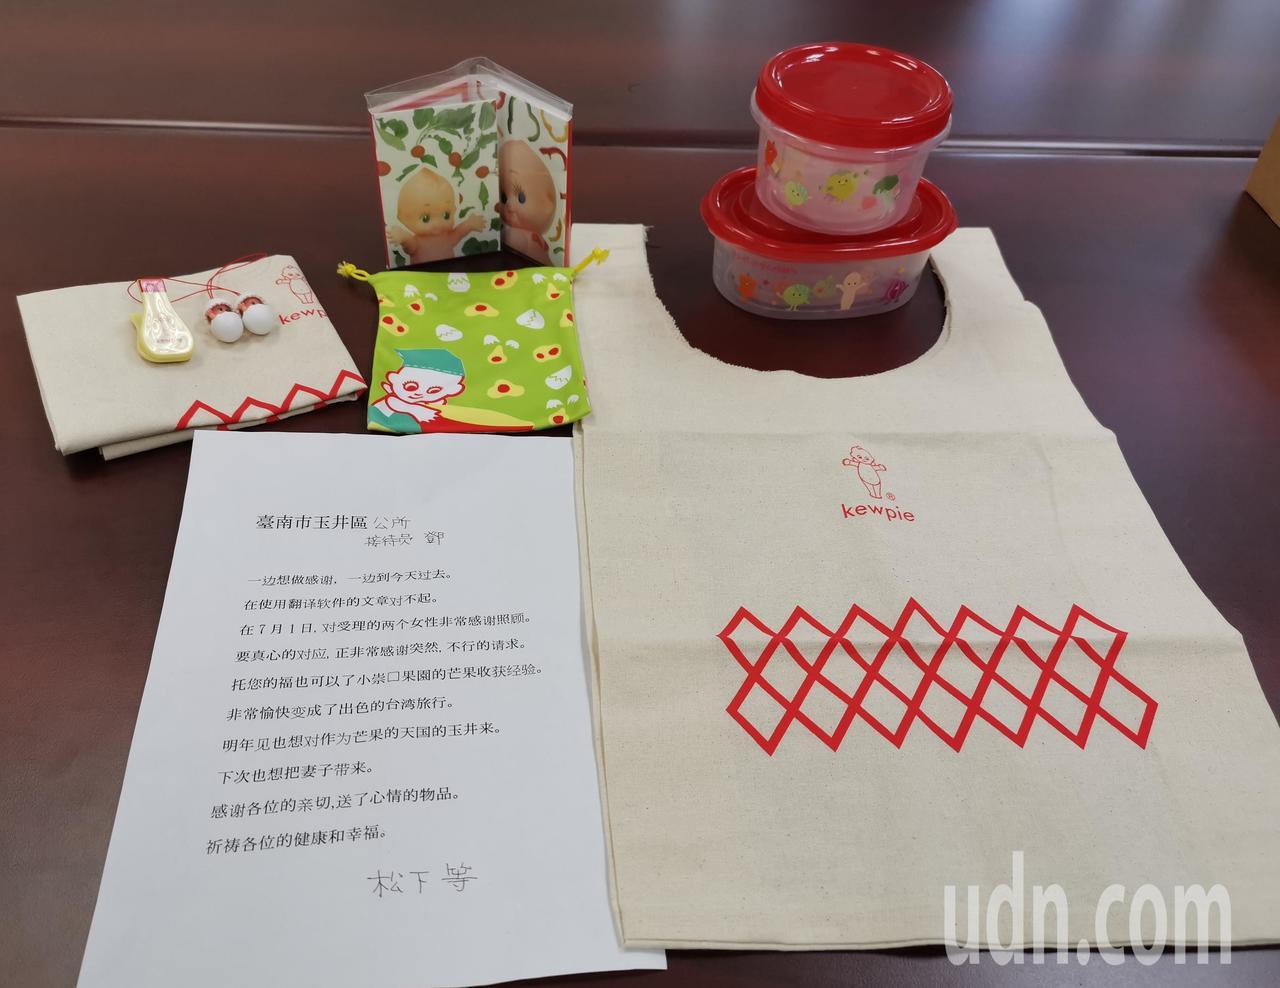 玉井區公所收到日本遊客松下等的感謝信箱,相當窩心。記者吳淑玲/攝影